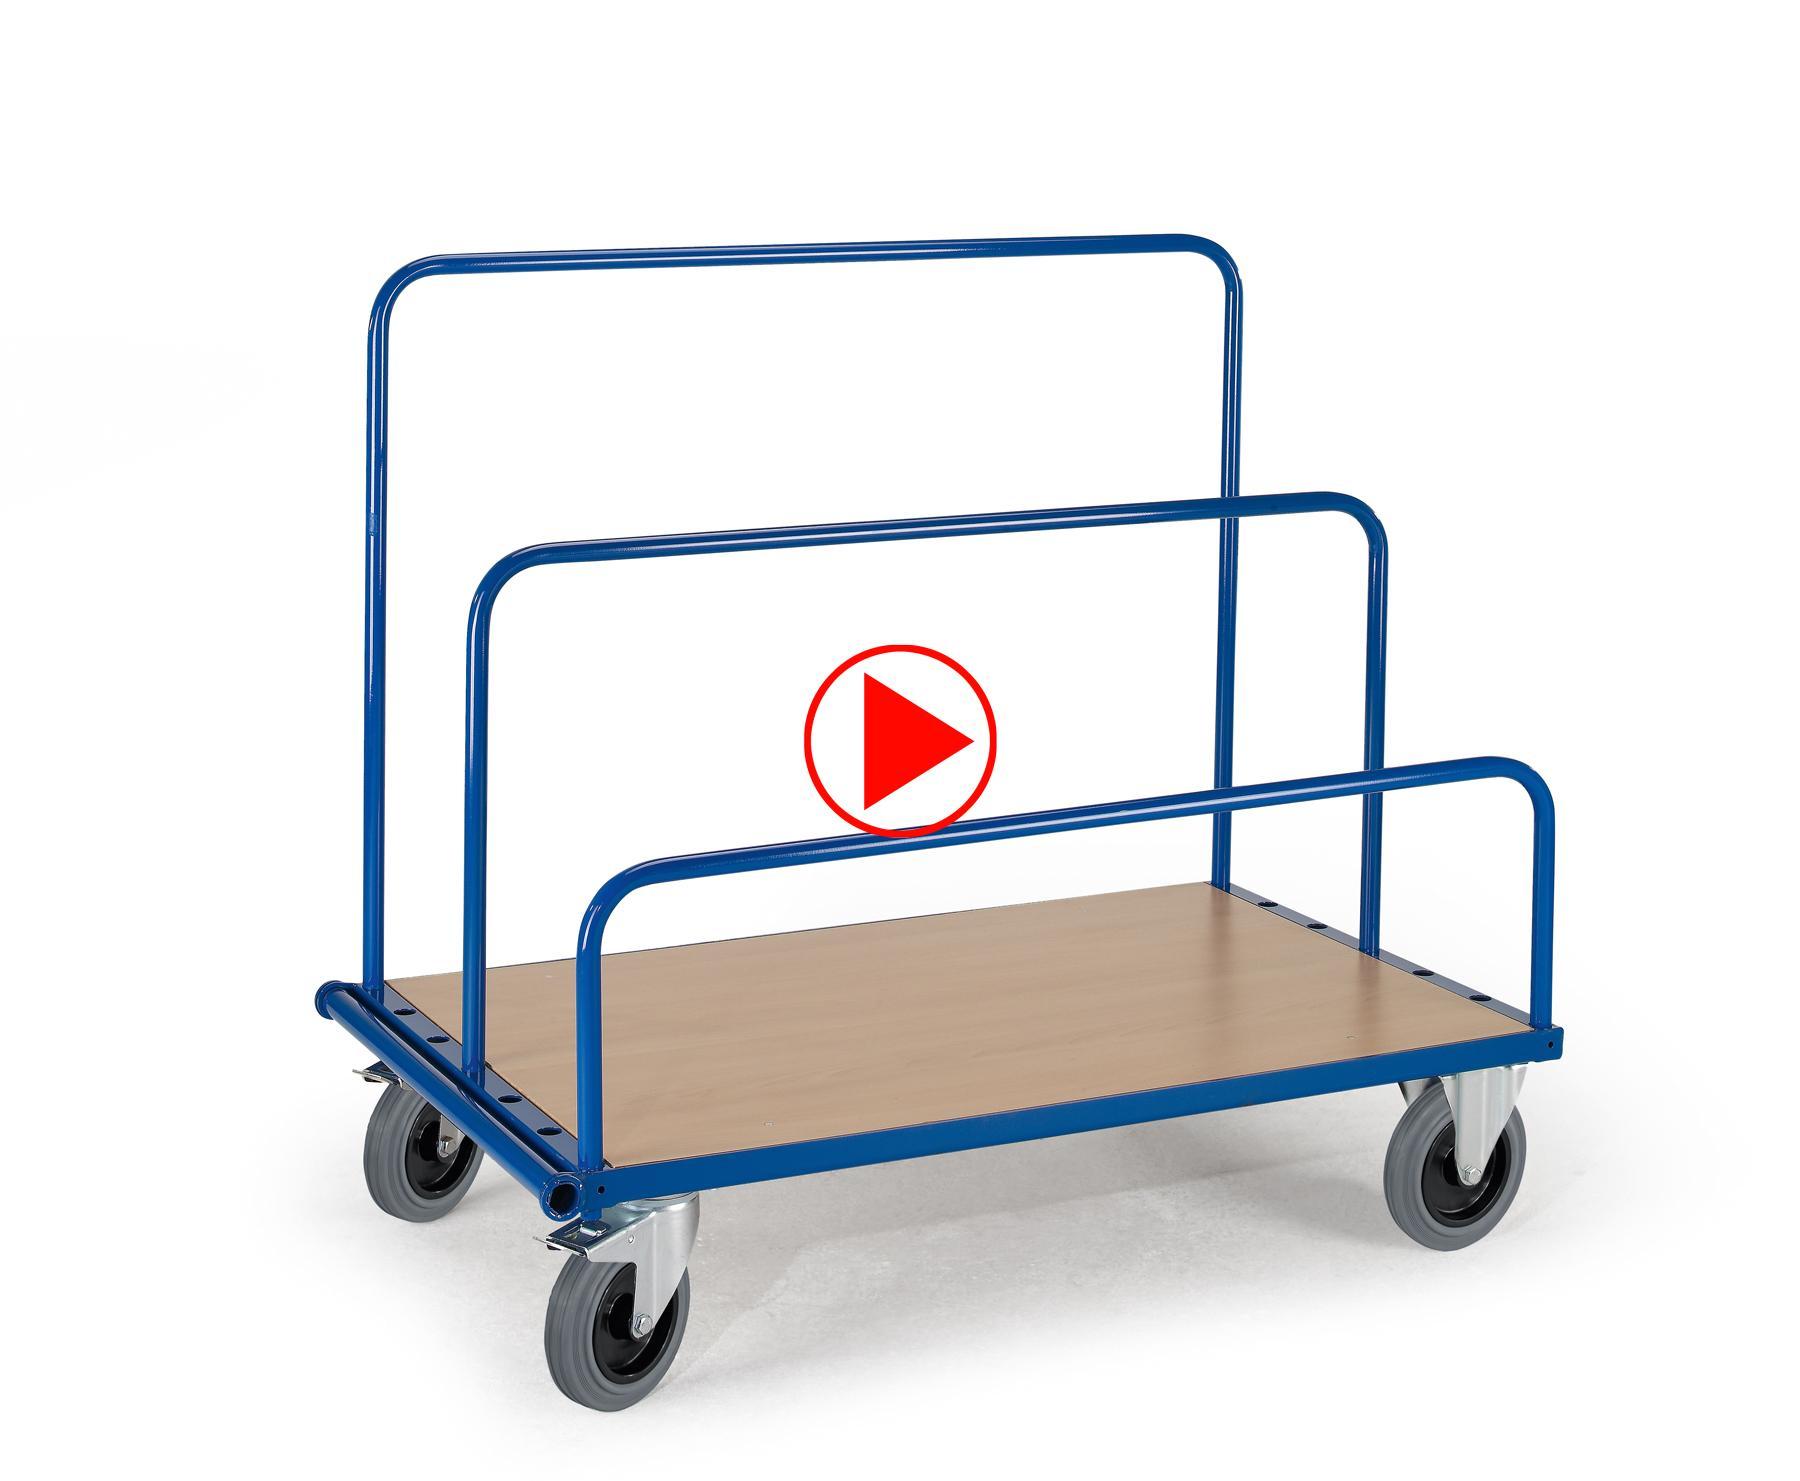 Anwendungsvideo des Plattenwagens; ein- und ausstecken der Bügel, fahren